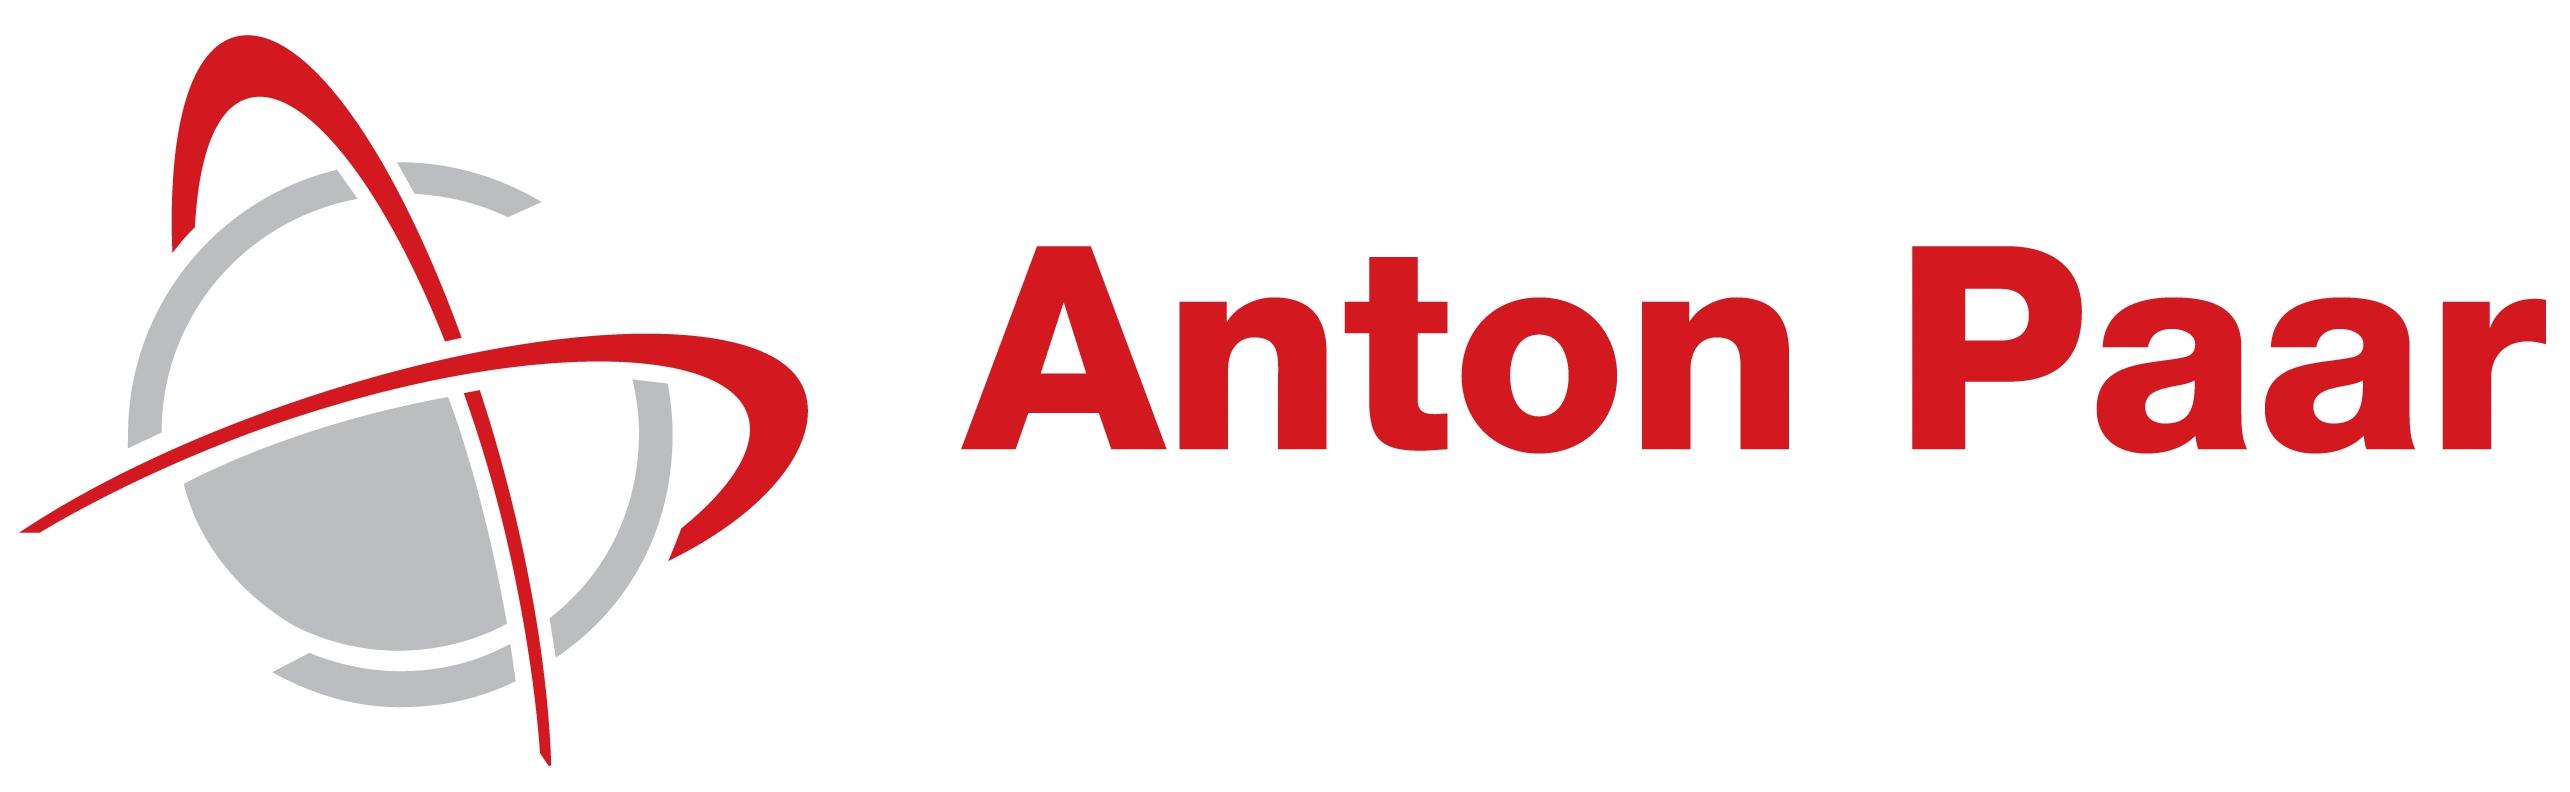 Anton_Paar_Logo_petit.png